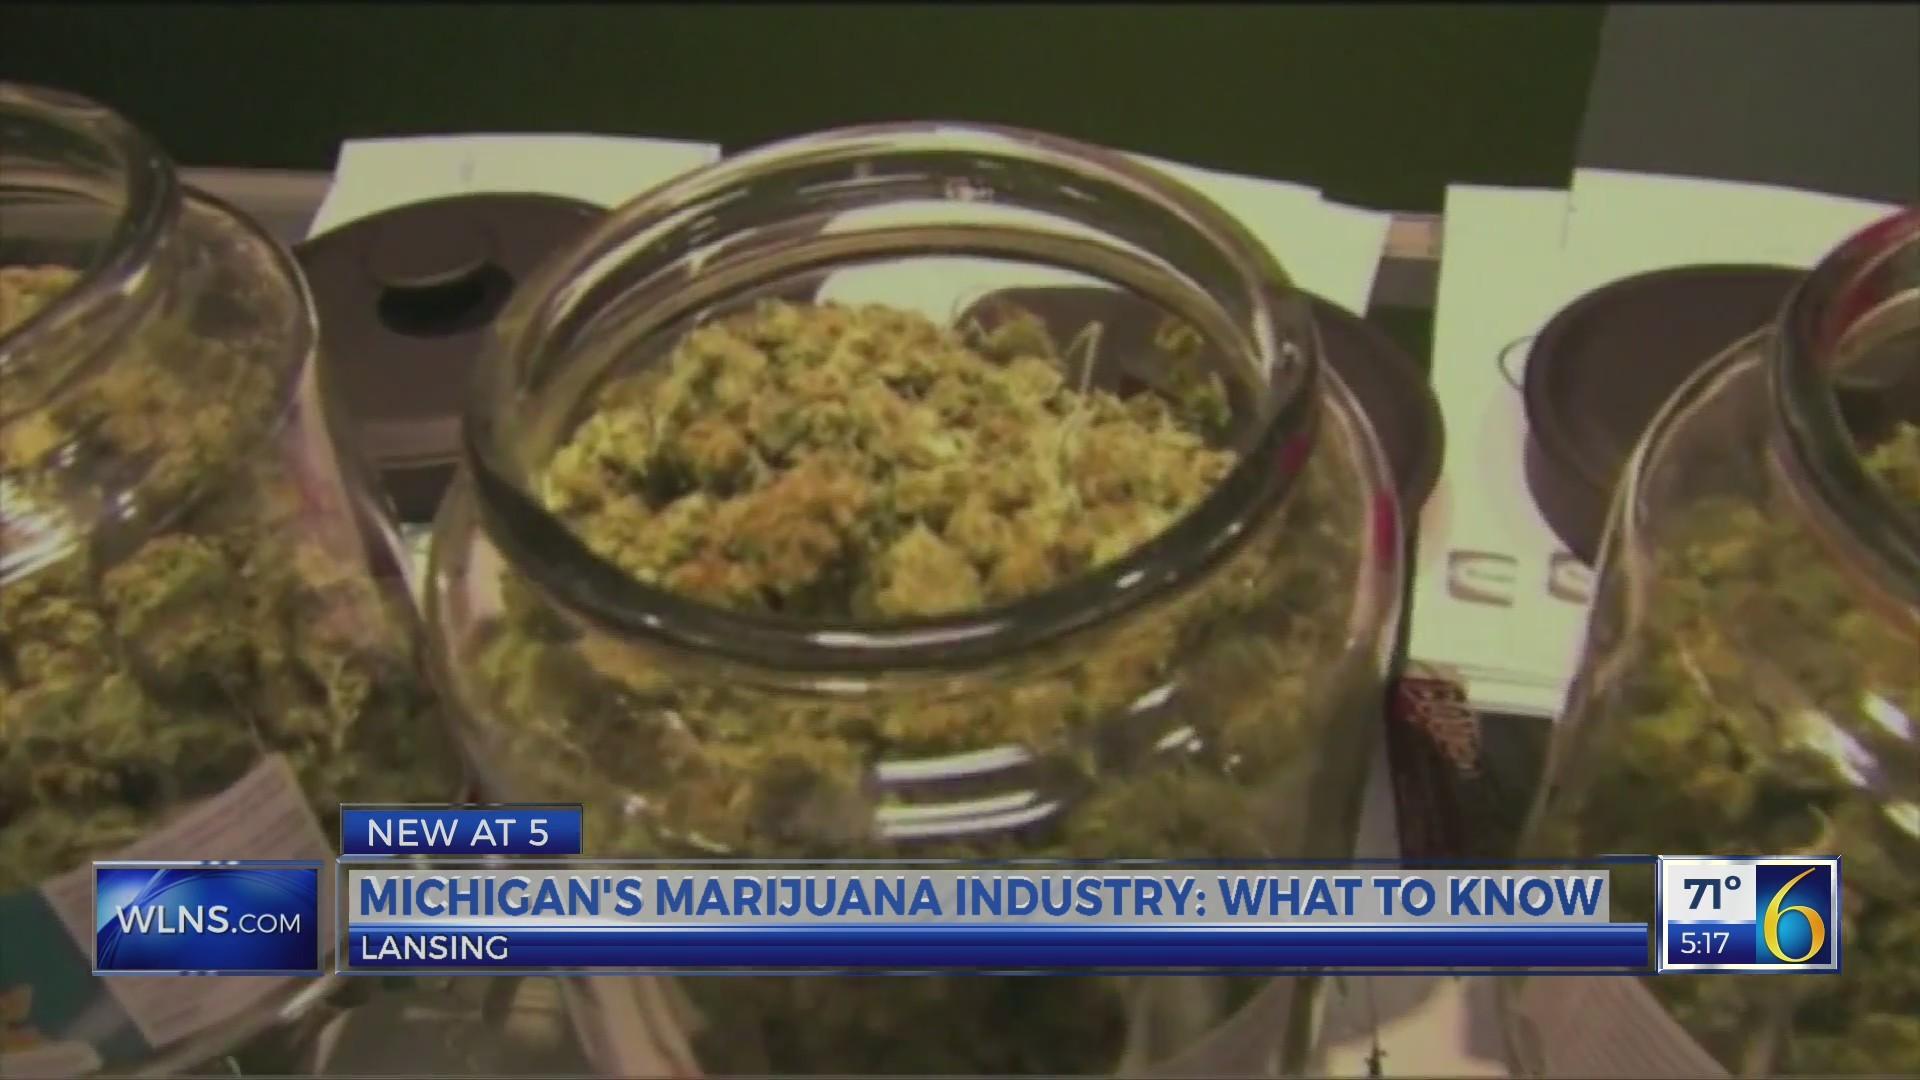 Michigan_s_Marijuana_Industry__what_to_k_0_20190523212522